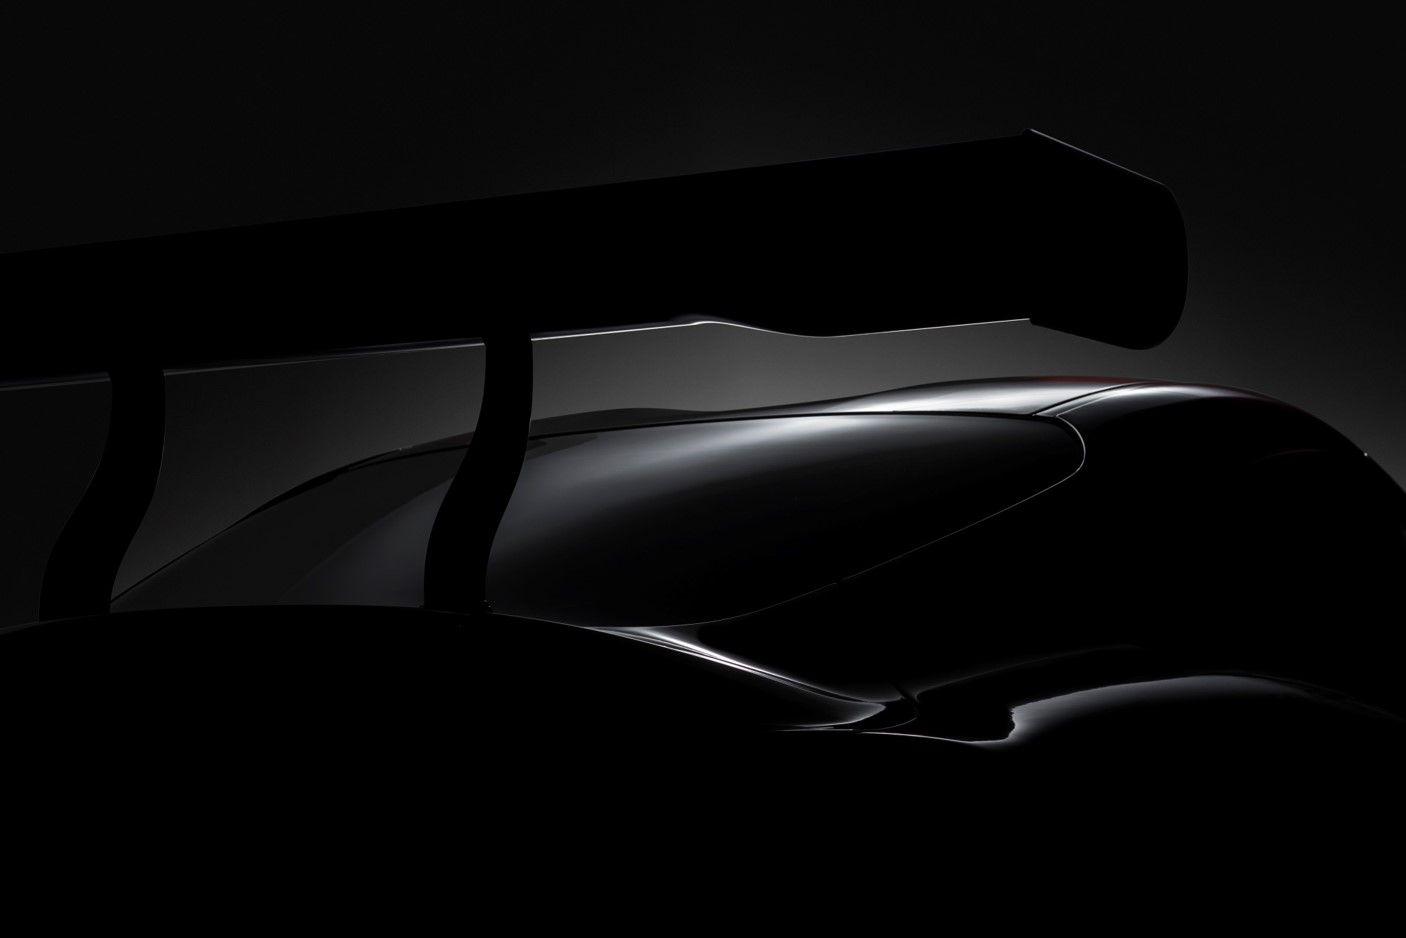 2018 Geneva Motor Show Teaser